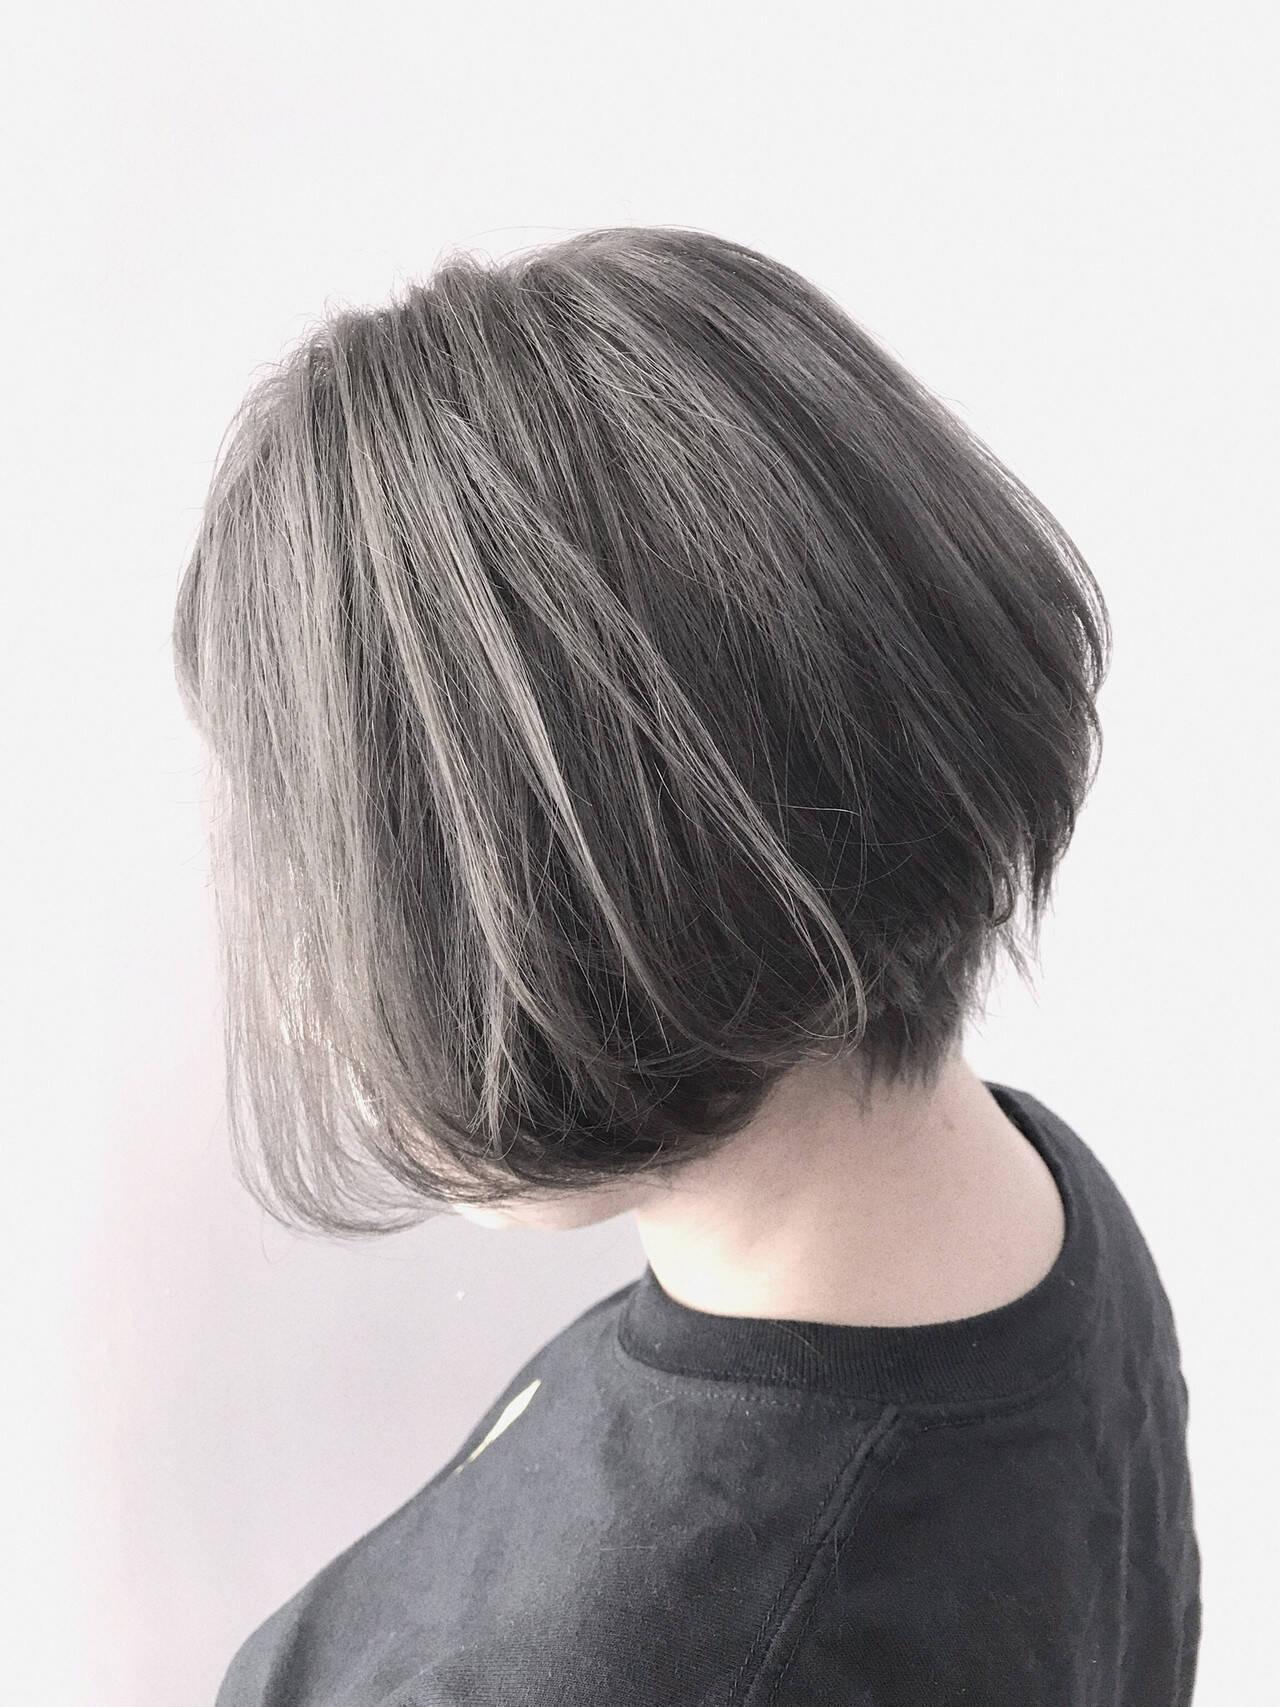 ショートボブ モード ハンサムショート アッシュグレーヘアスタイルや髪型の写真・画像